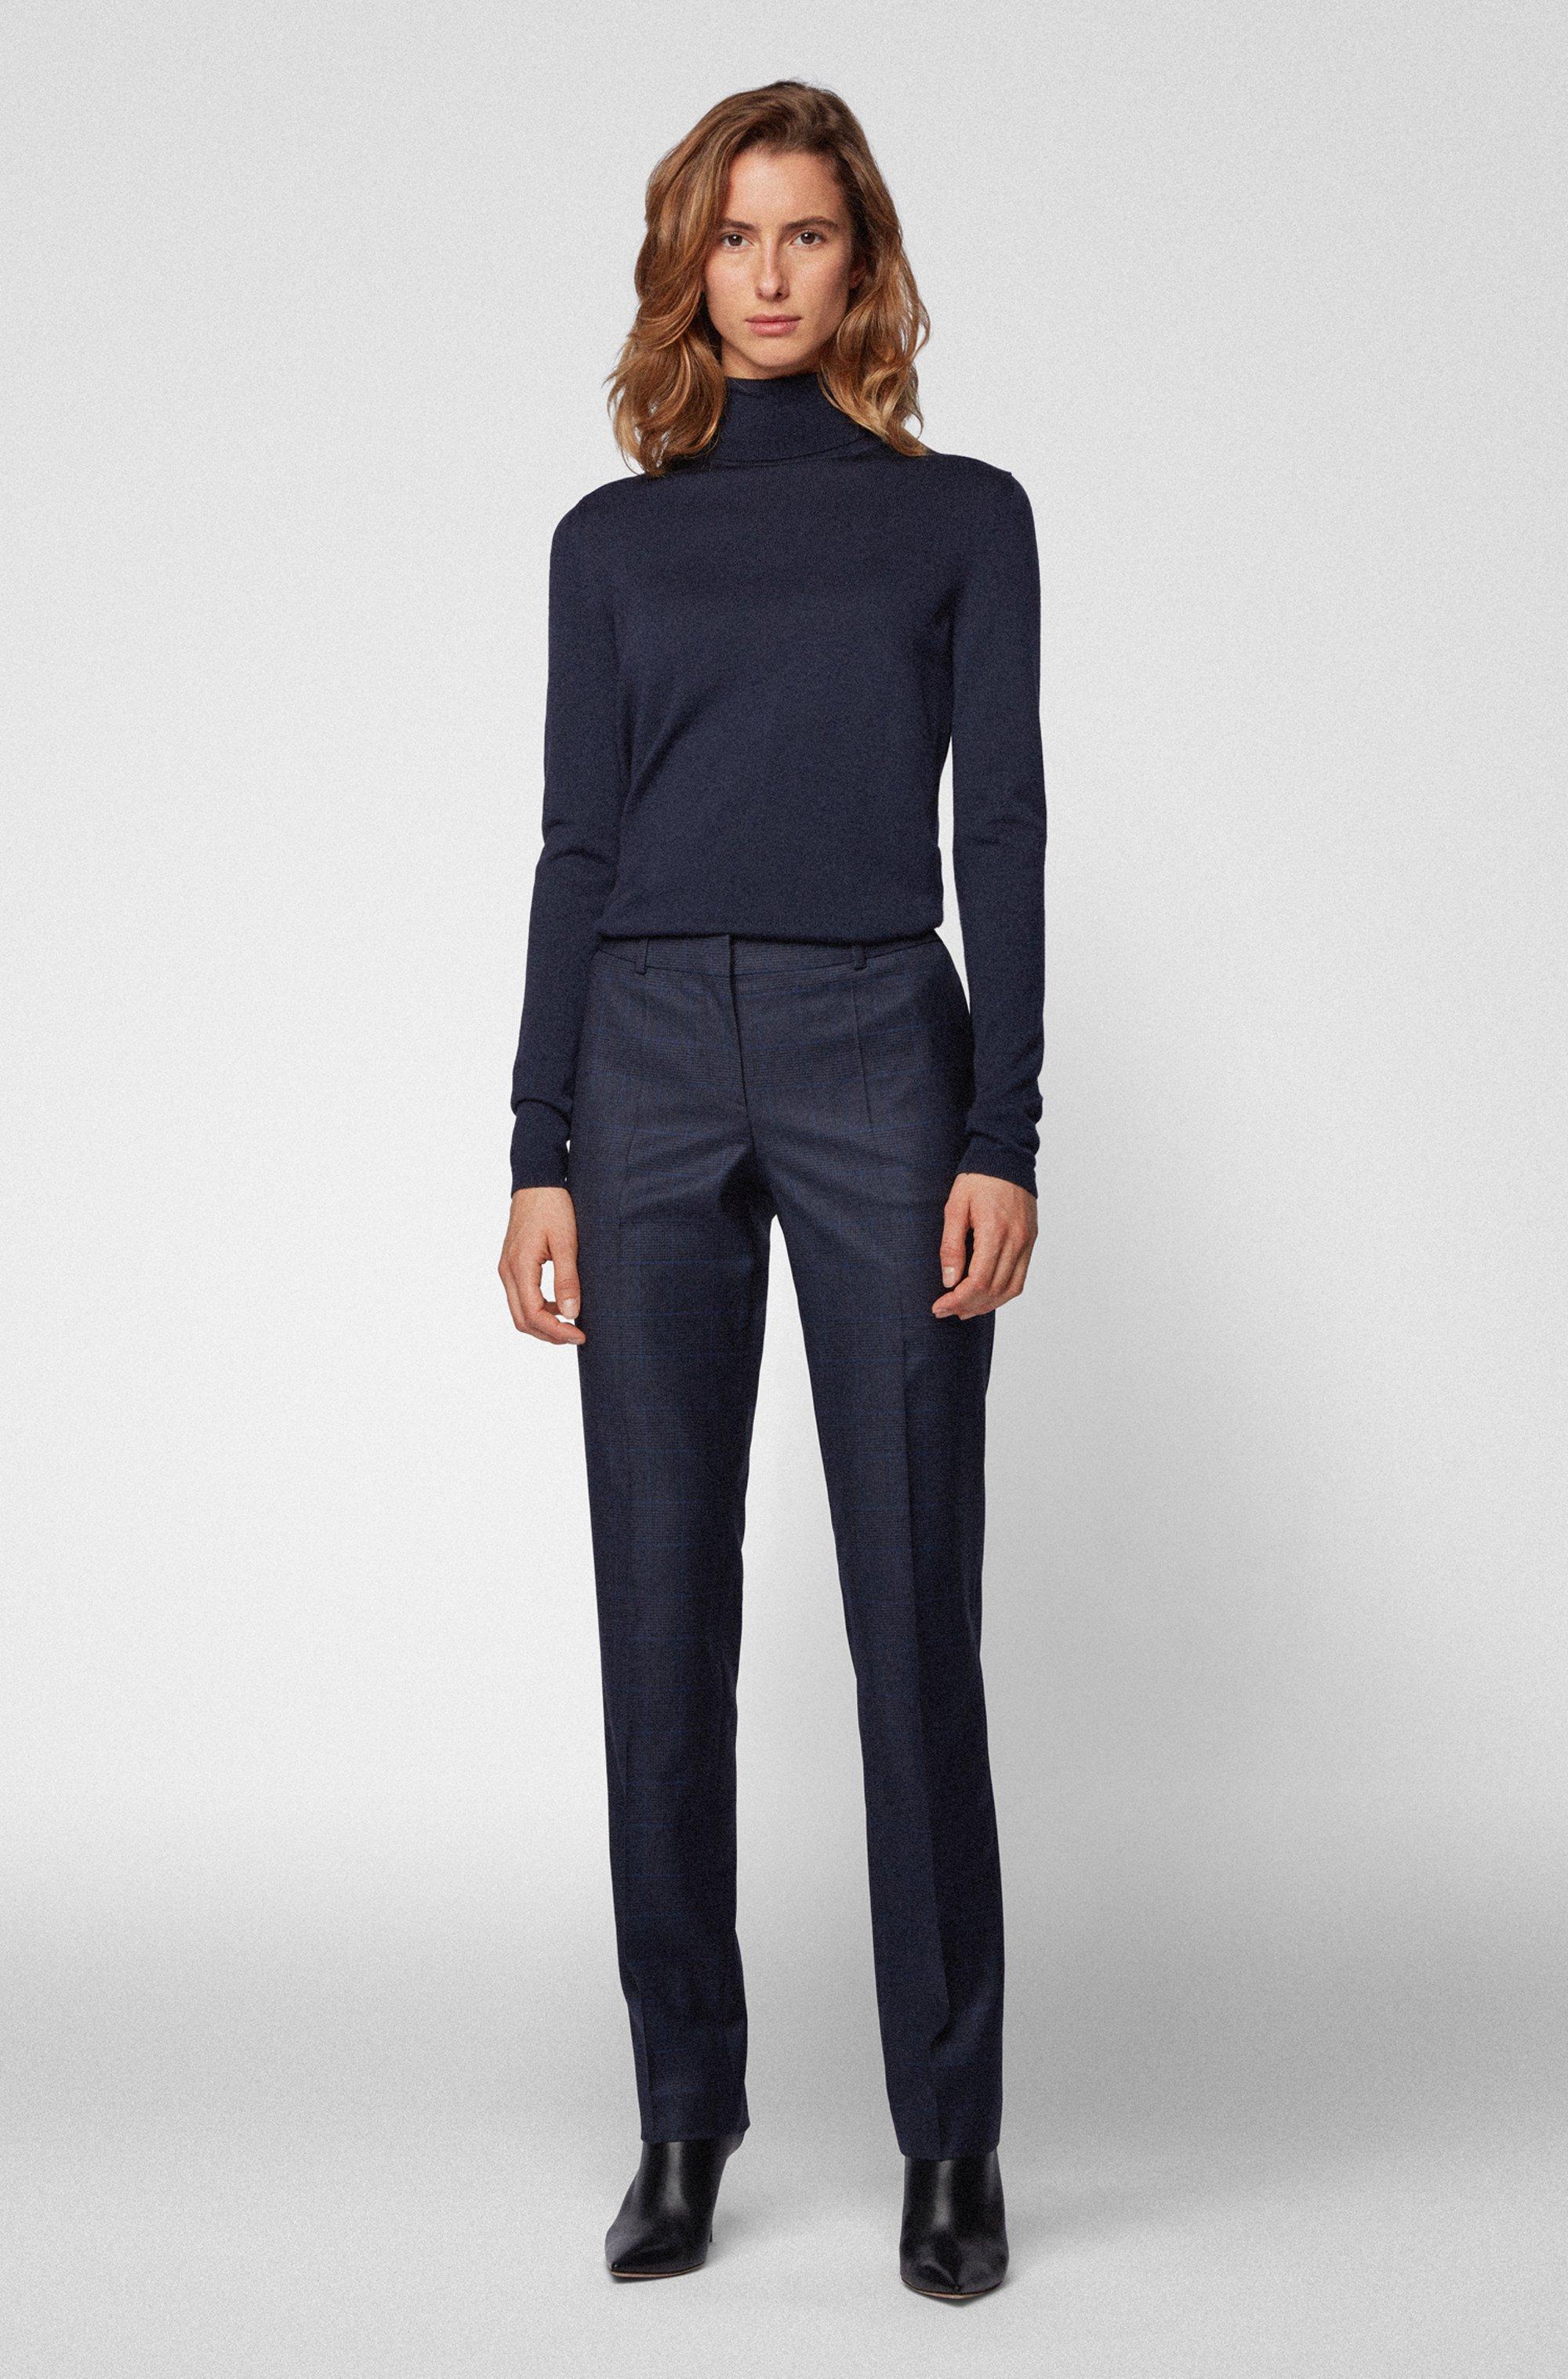 Pantalones regular fit a cuadros de lana virgen elástica